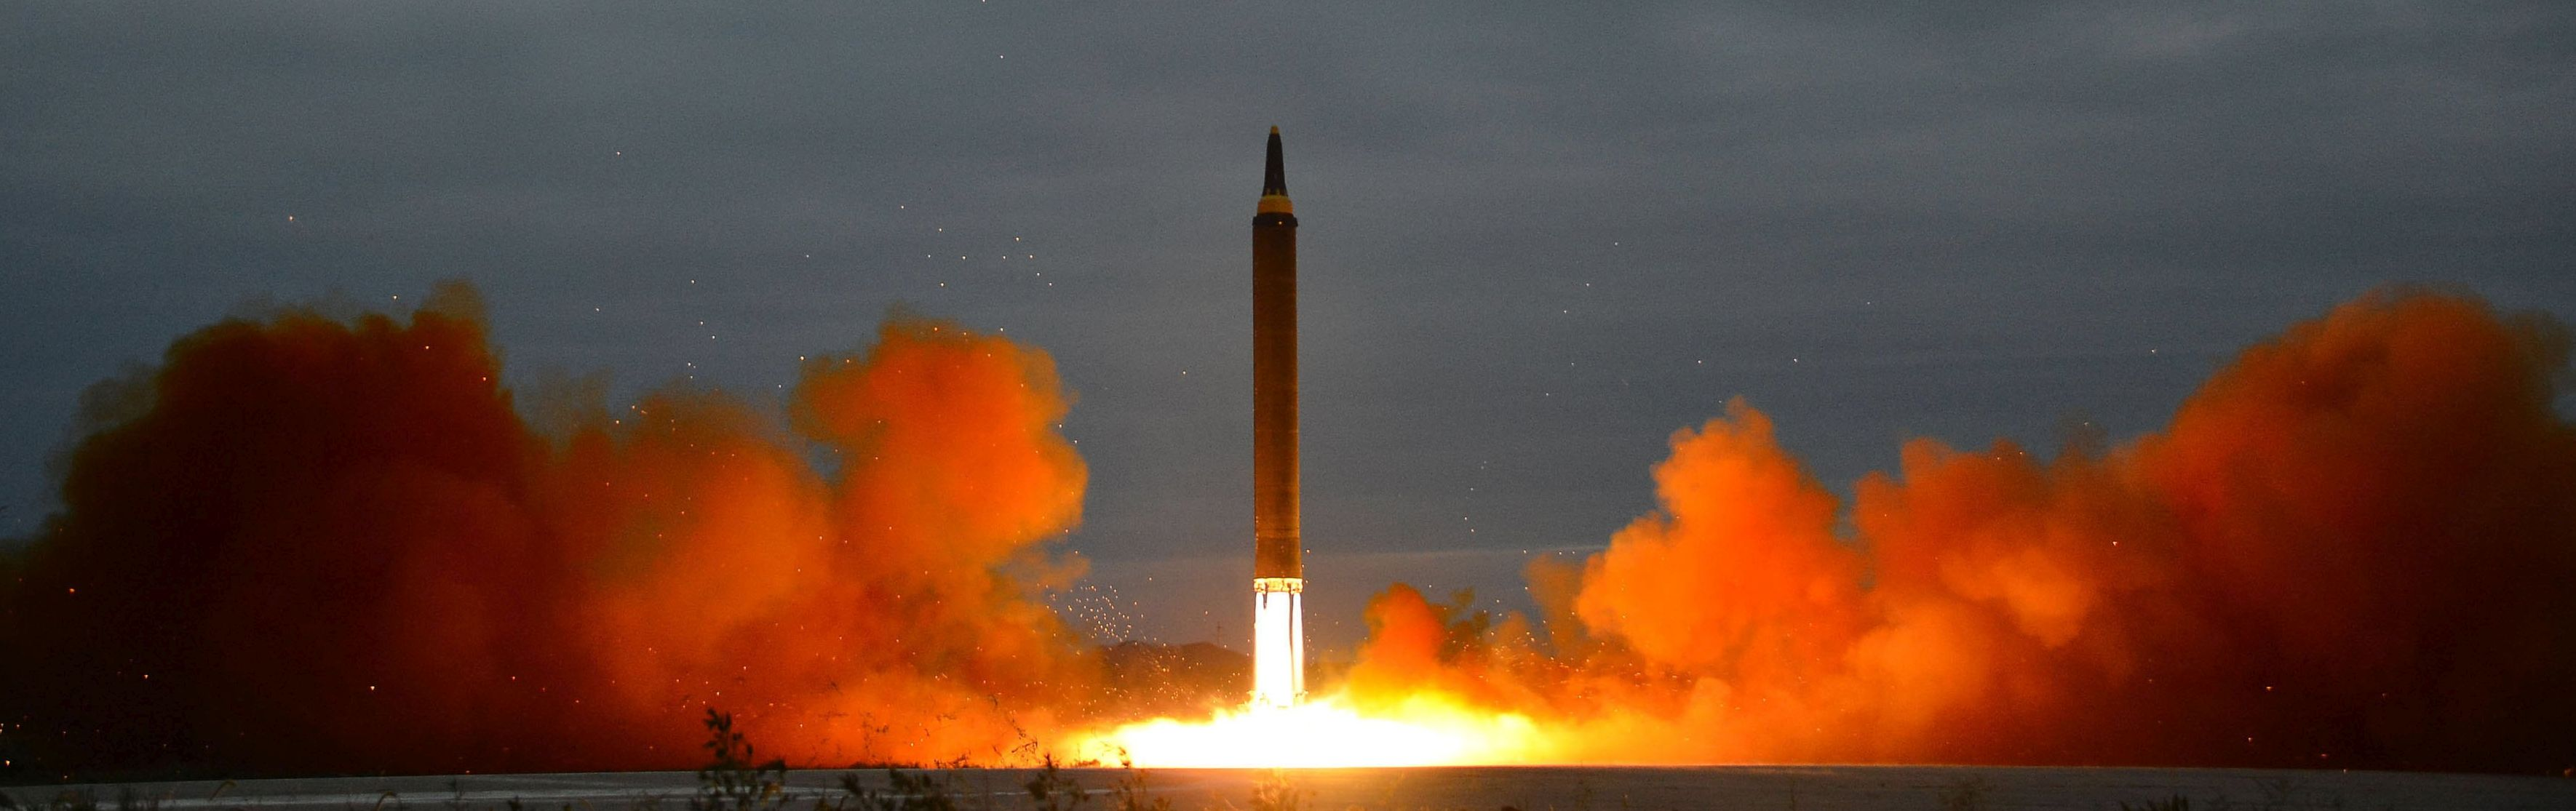 """SAD traži """"usklađenu akciju"""" prema Sjevernoj Koreji putem sankcija"""